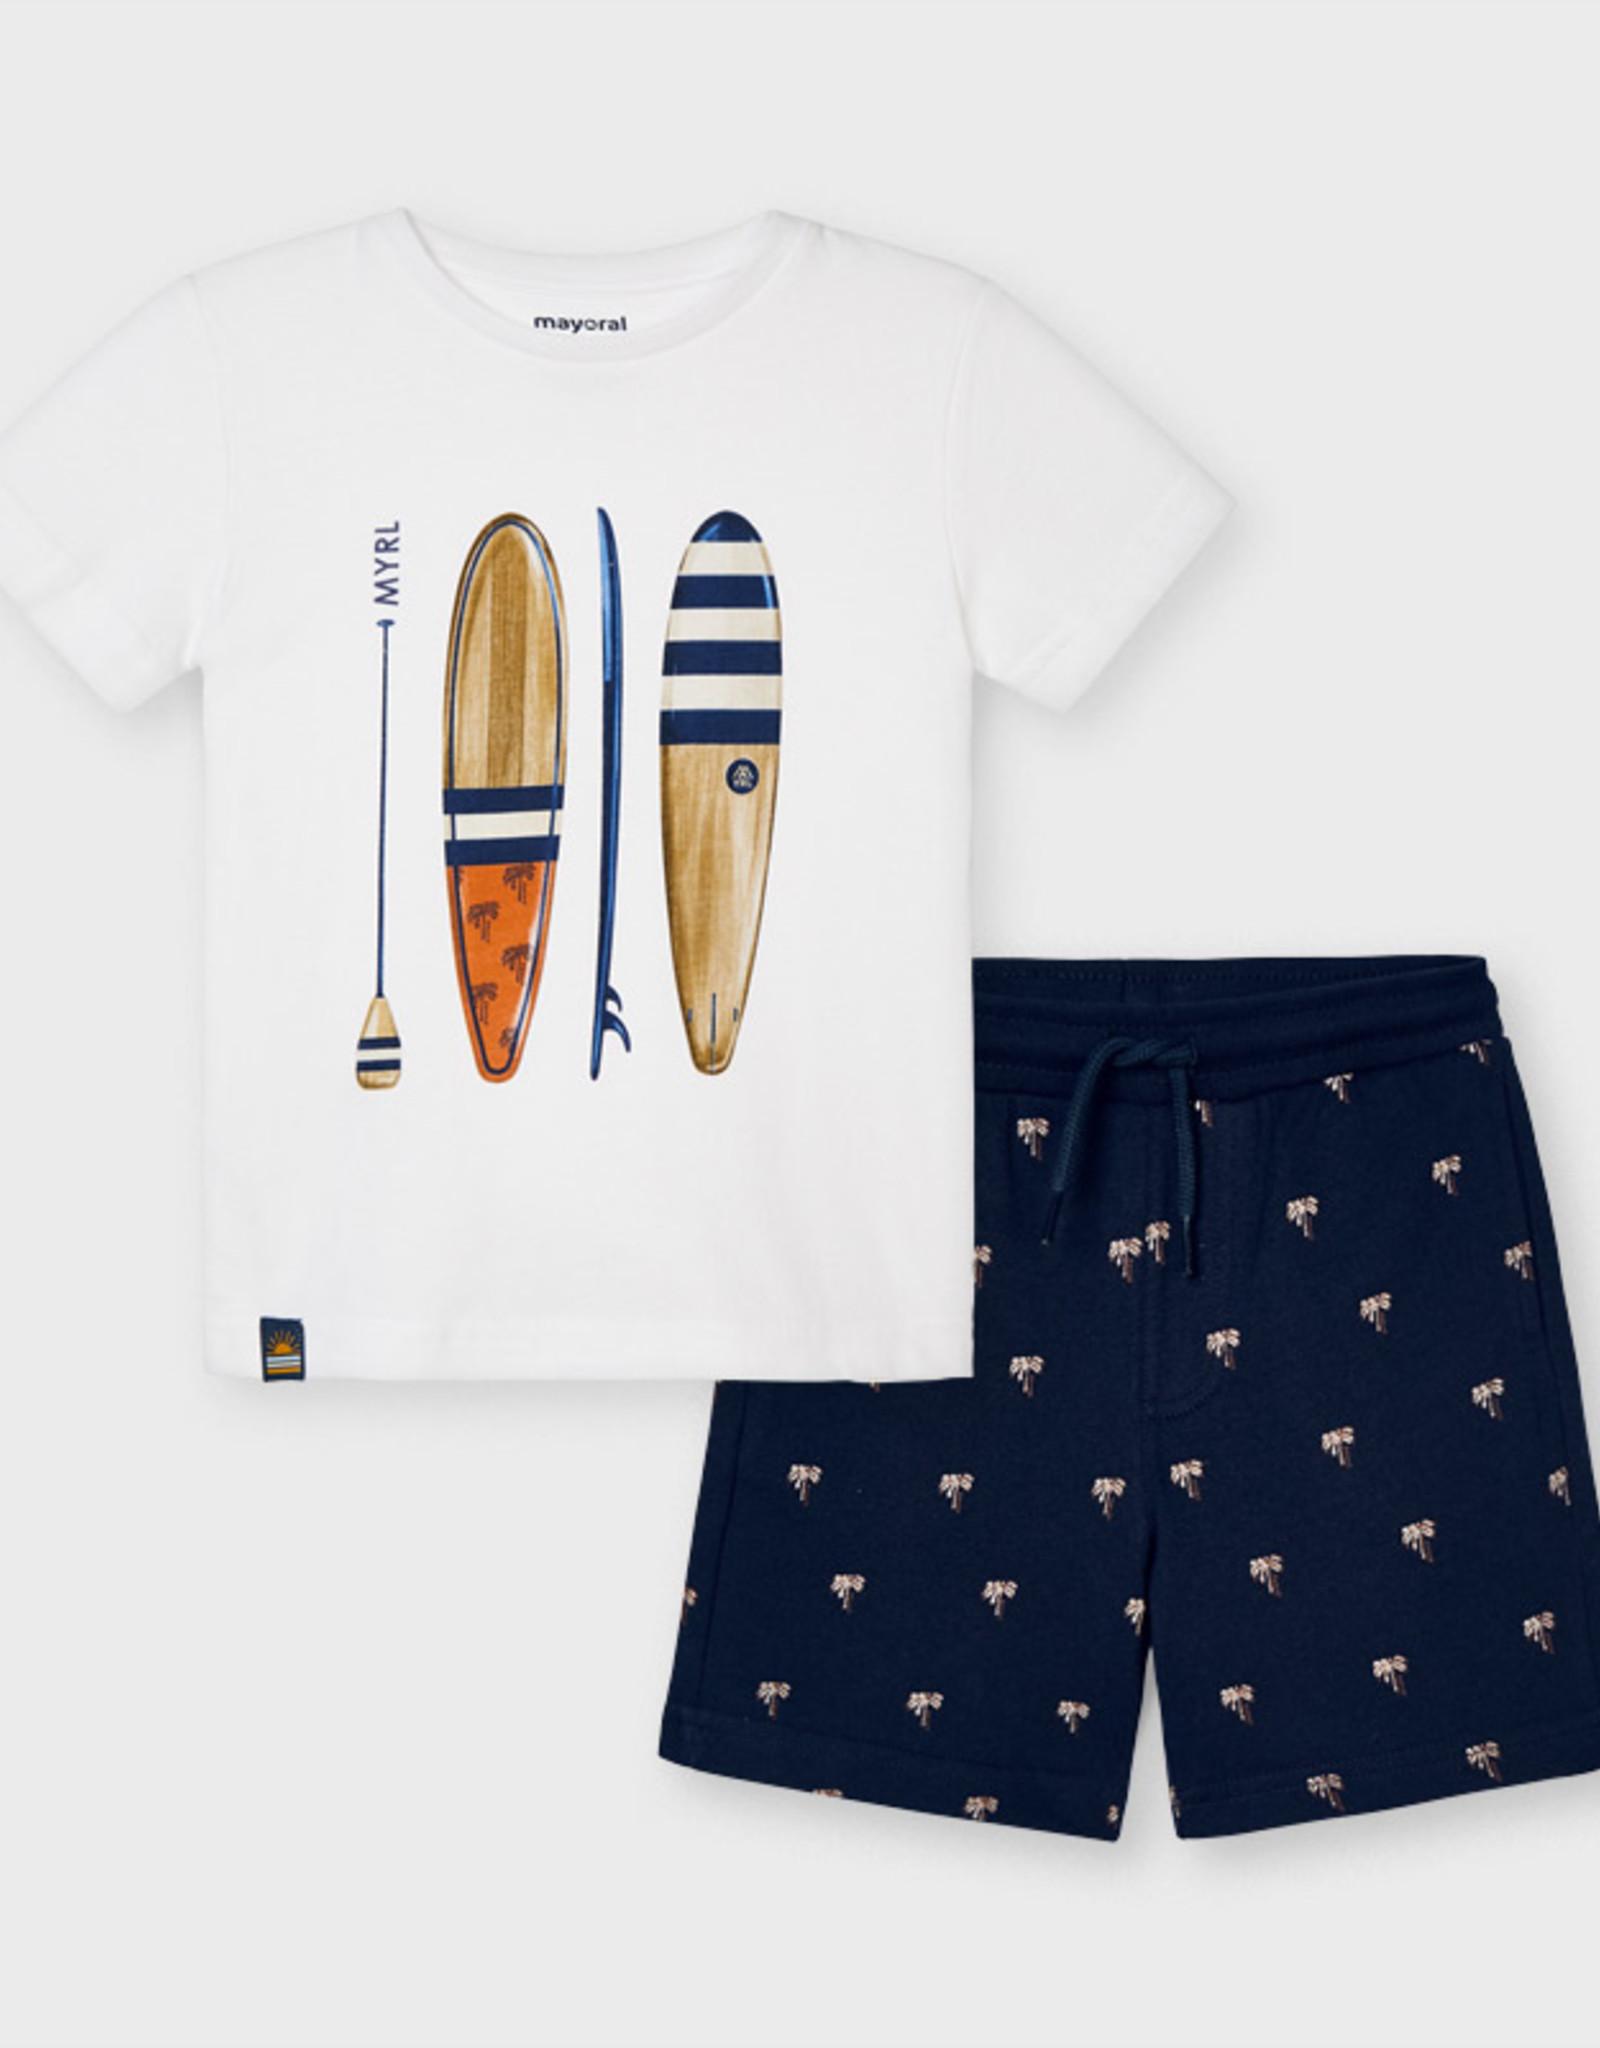 Mayoral Surf short en t-shirt (set)